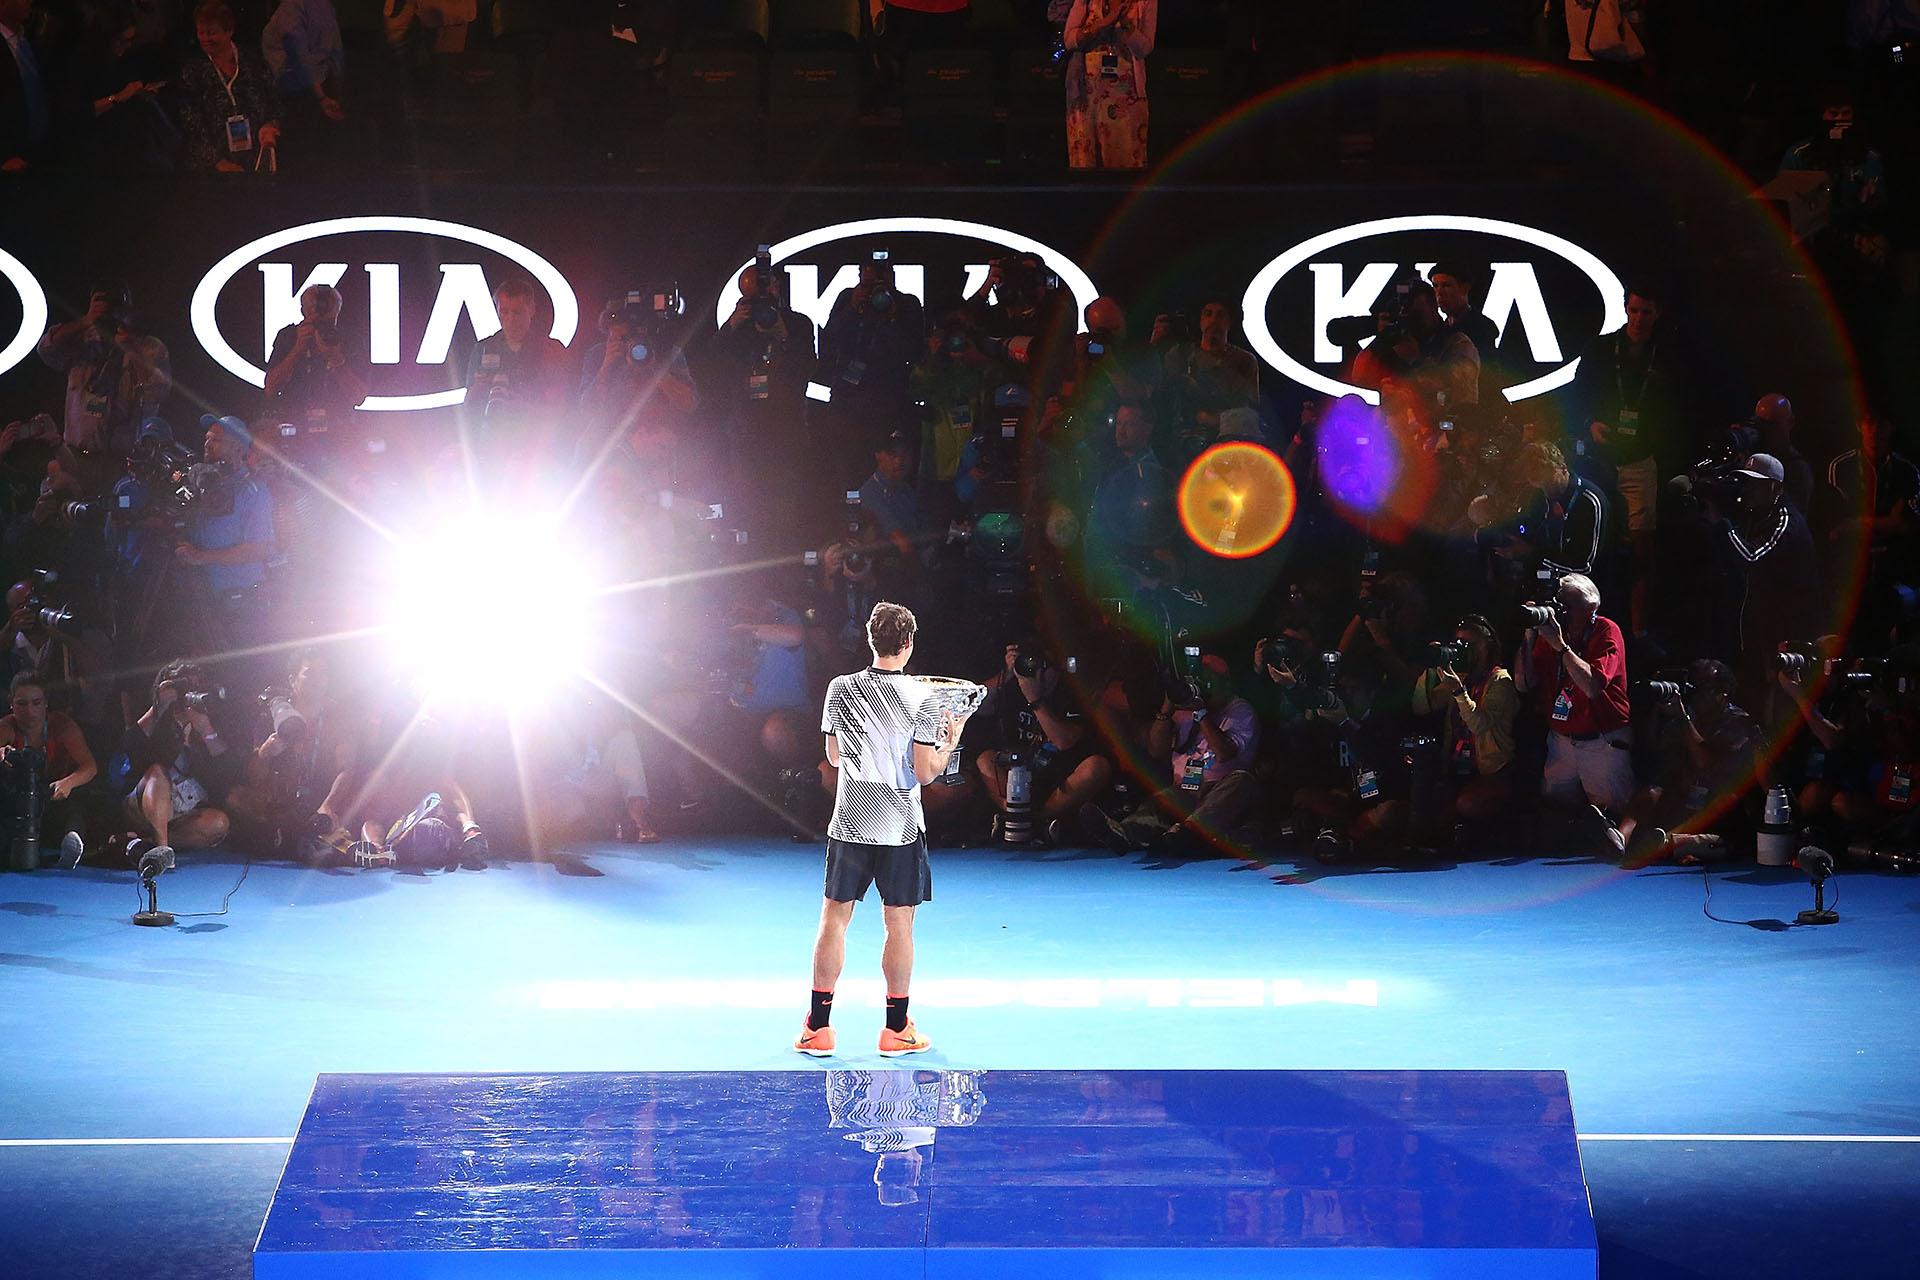 La última vez que jugaron por un título grande fue en Roland Garros 2011, con triunfo de Nadal en cuatro sets.